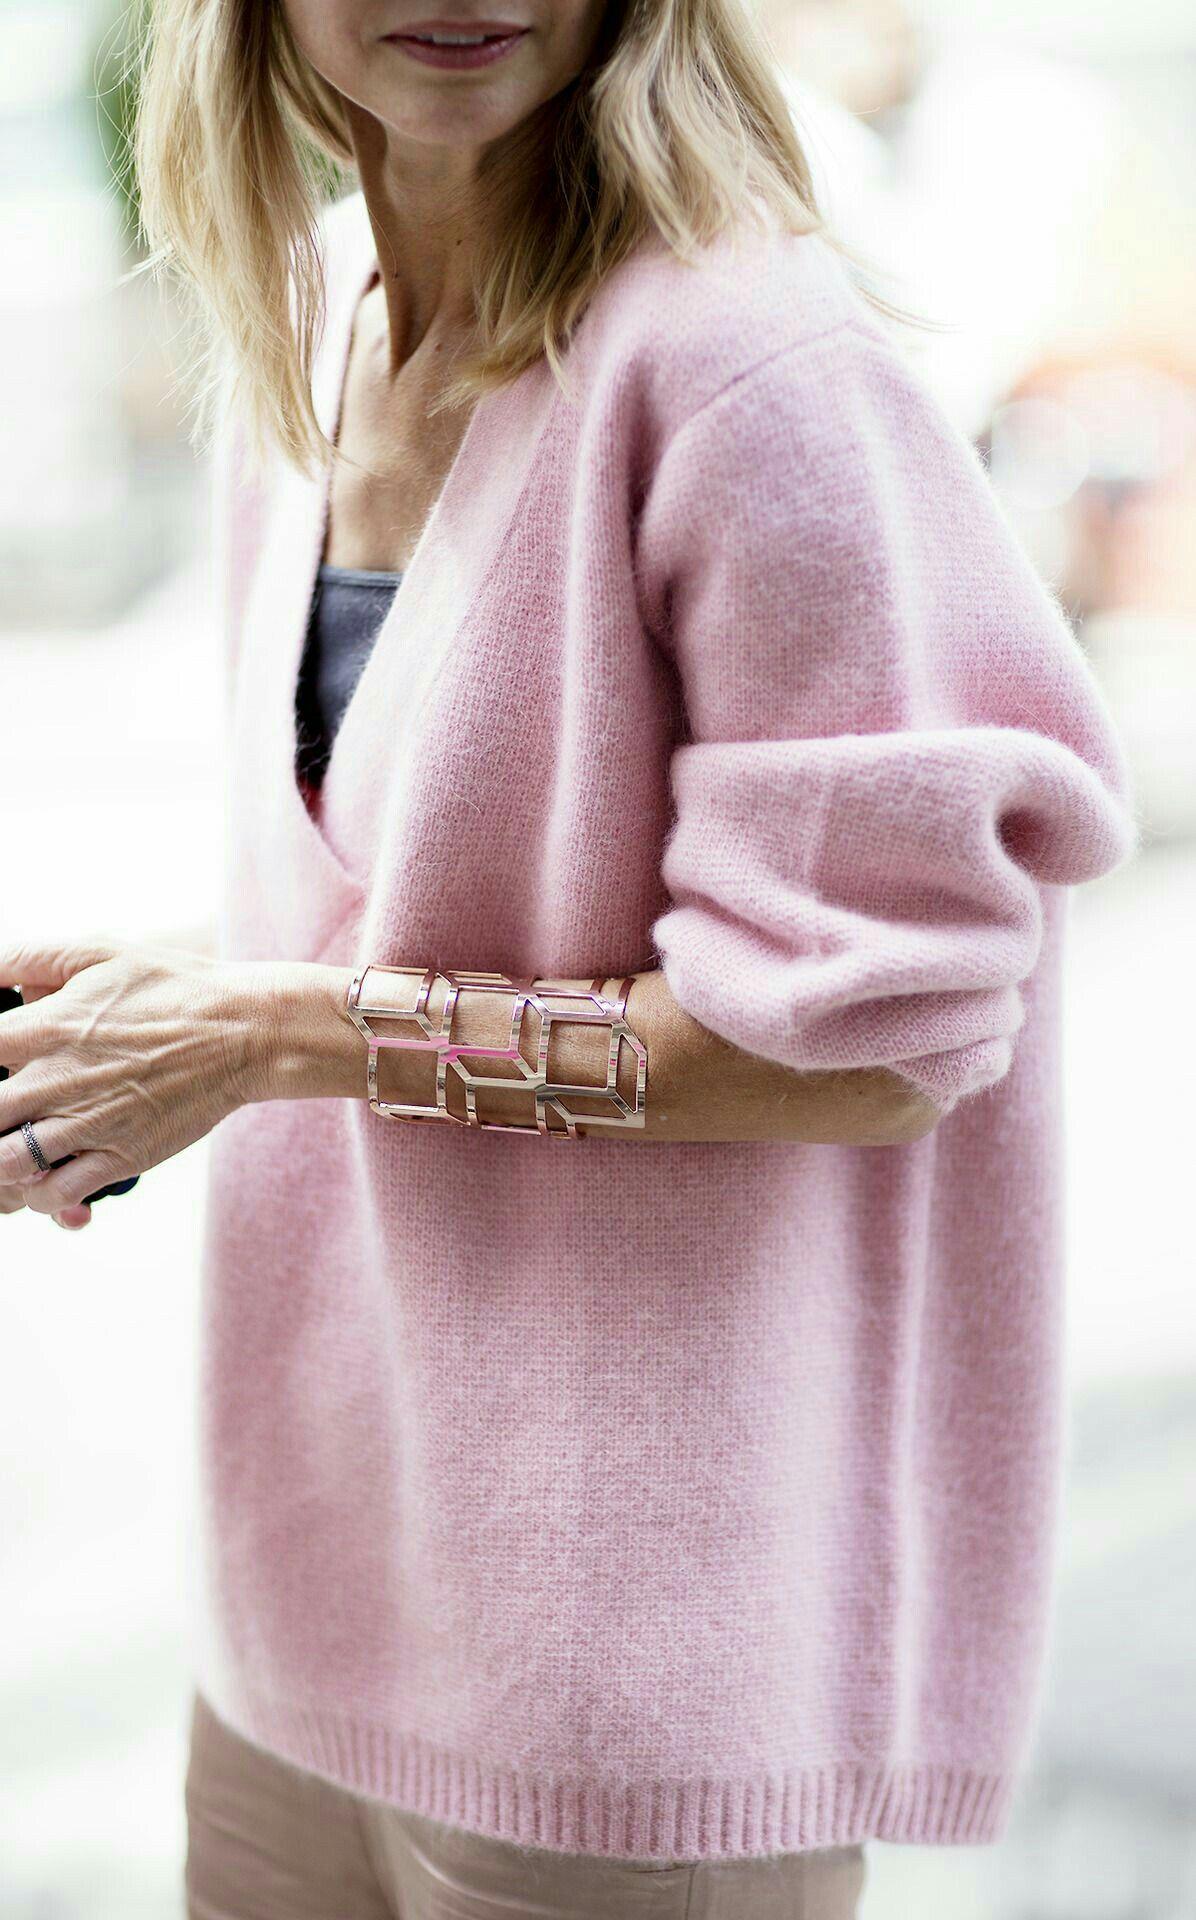 Wir lieben Strick und du? Finde einzigartige Styles im Strick Look und verliebe dich in die Details.  Style den Look nach.  #strick #wirliebenstrick #looks #mode #fashion #knitwear #pullover #pulli